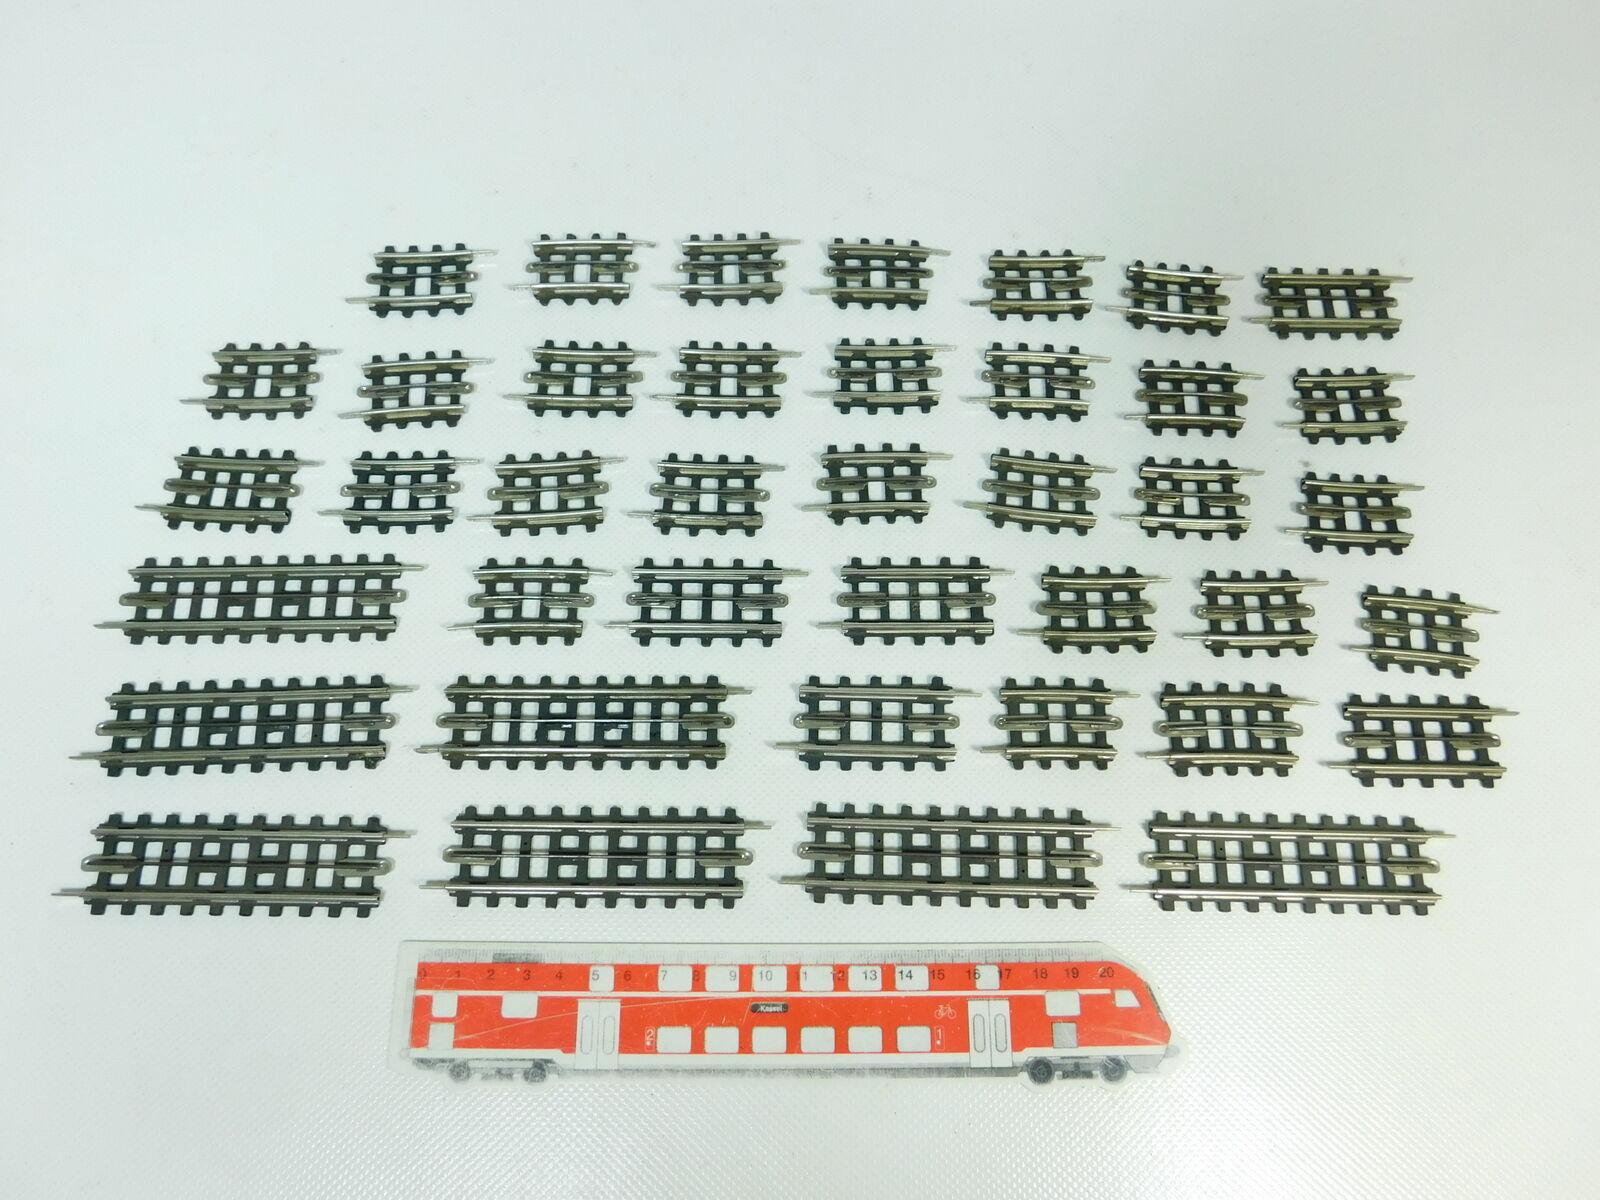 BQ180-0,5 x Trix Express Variadas H0   Dc Pieza de Equilibrio   vía,Muy Buen